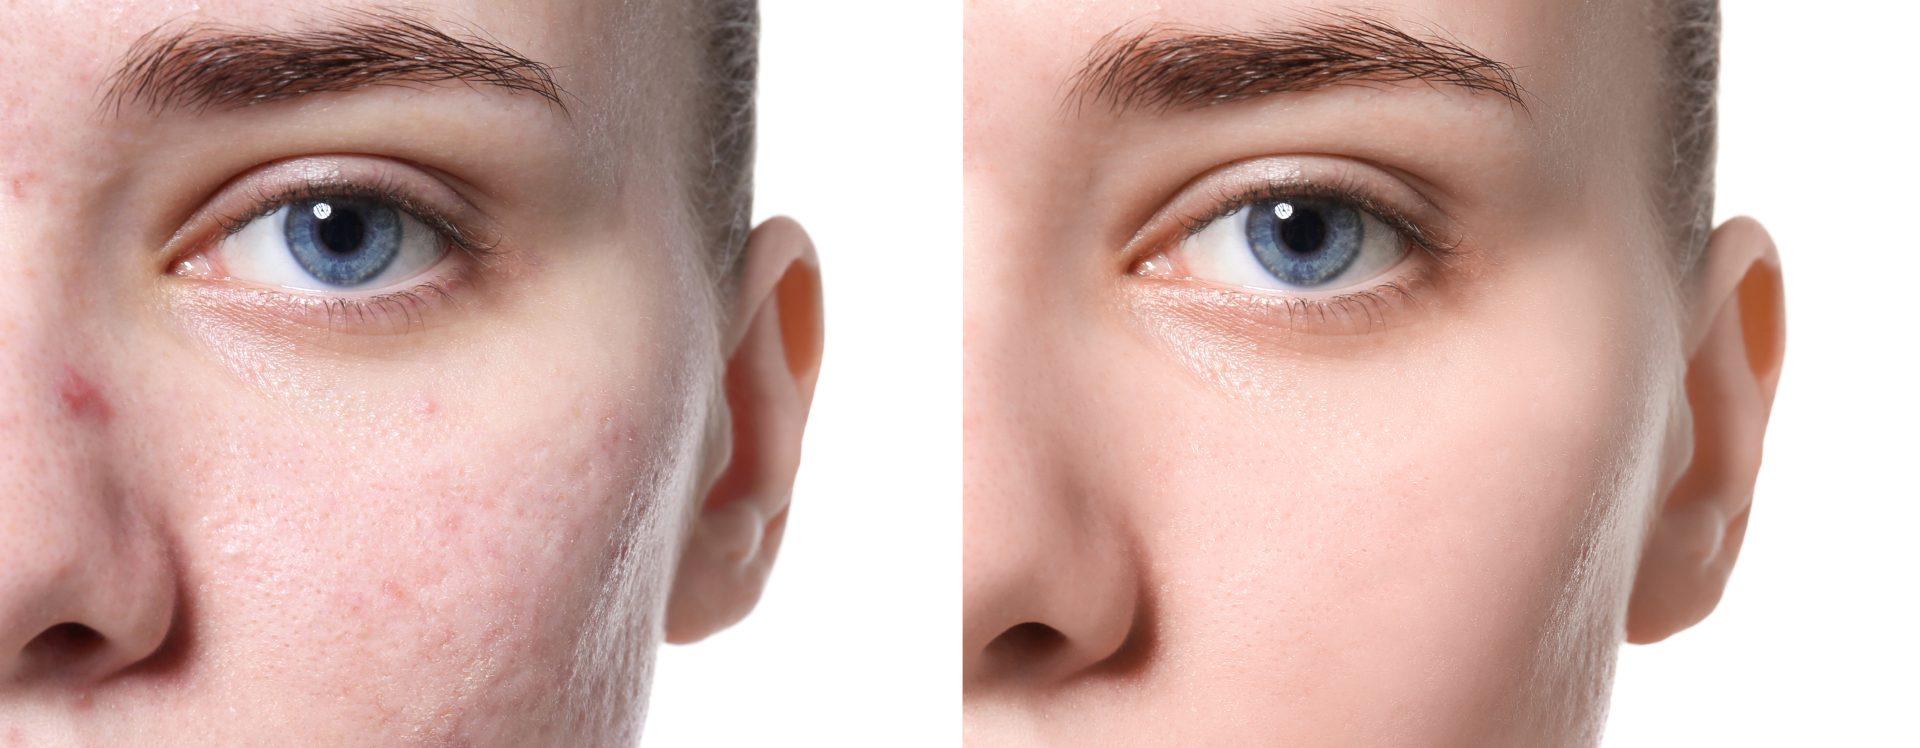 Γιώργος Τύρος - Δερματολόγος Αφροδισιολόγος - scar treatments